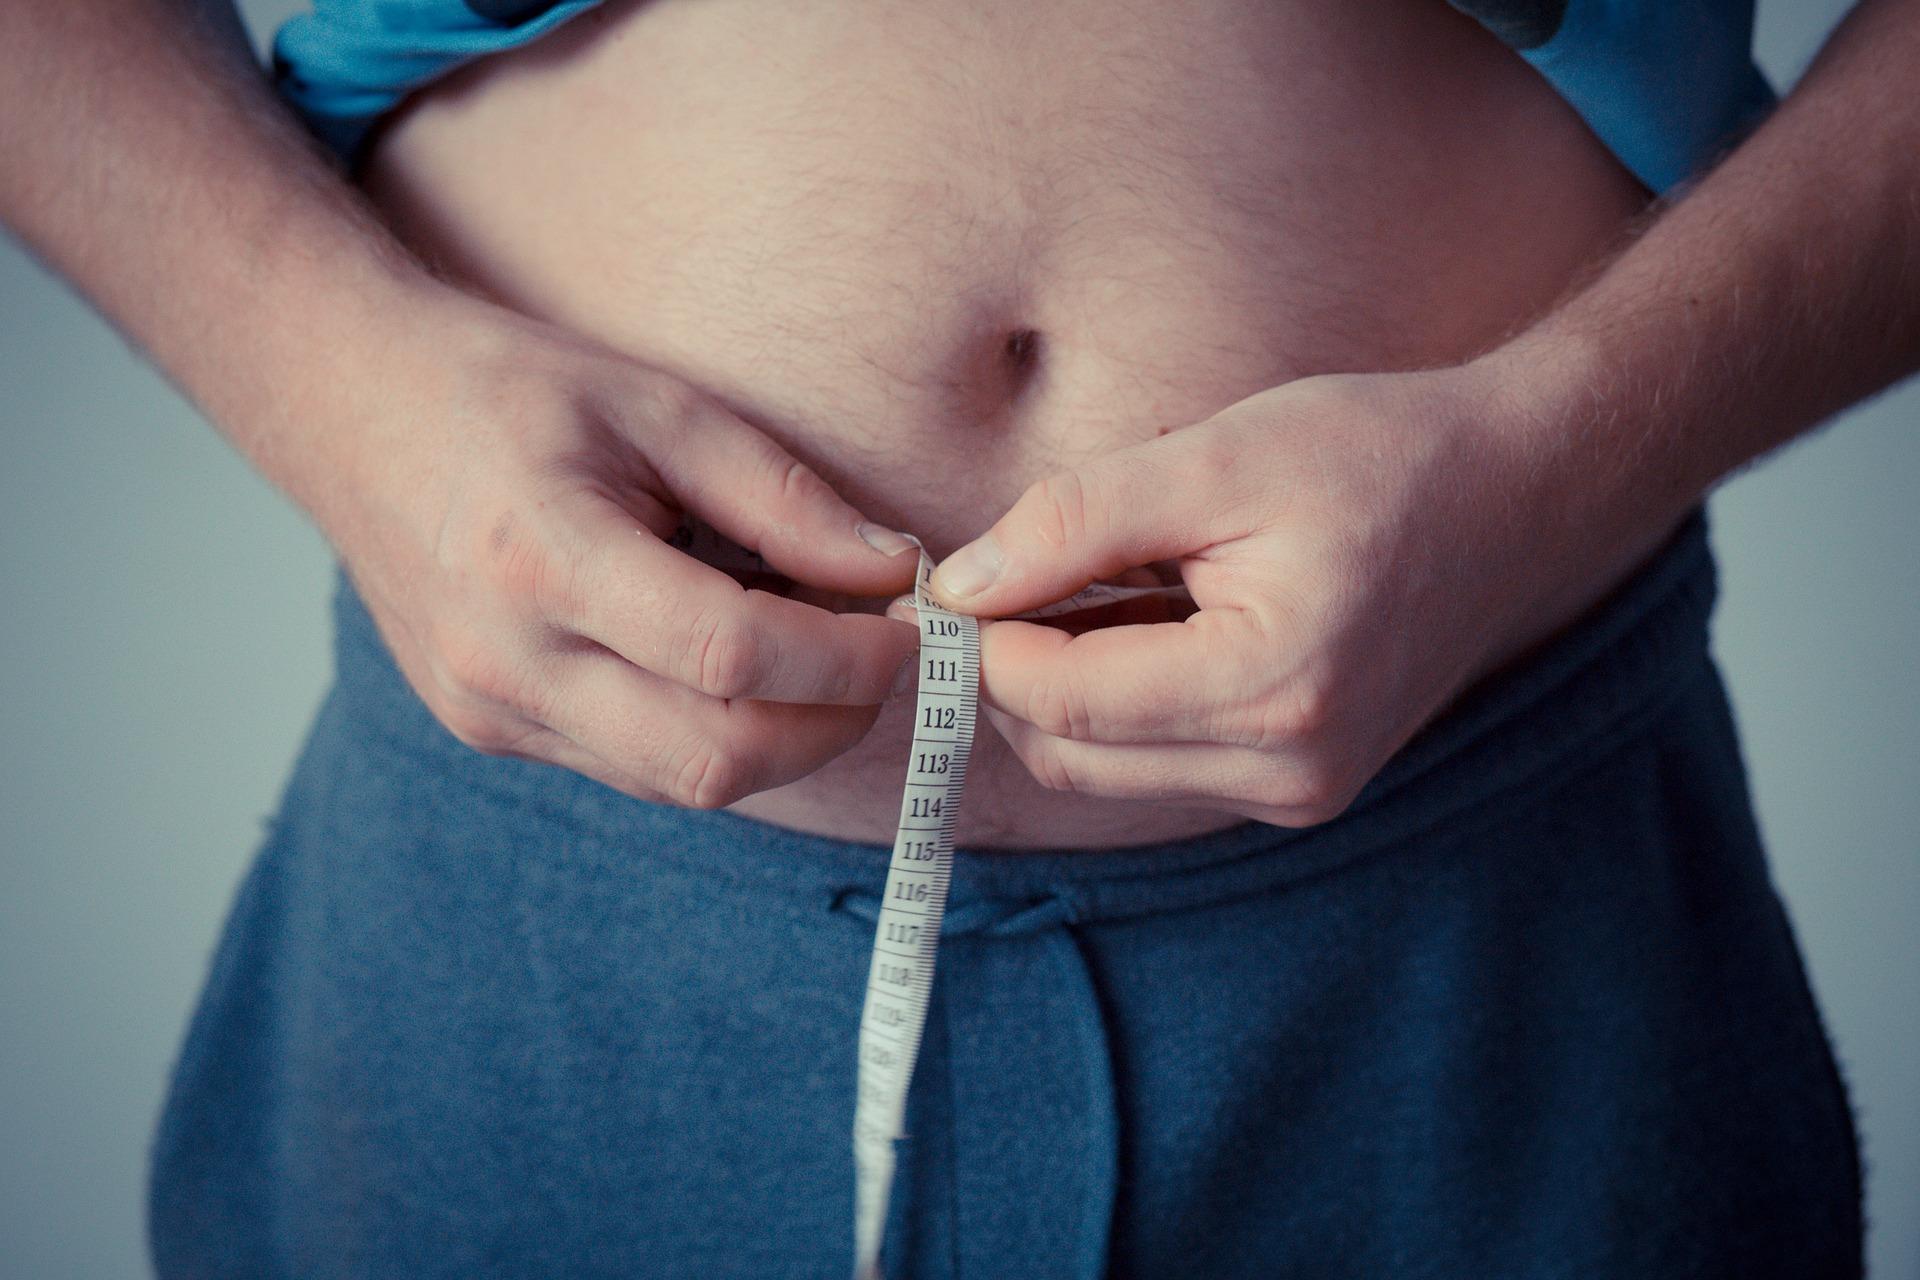 Muži s obvodem pasu přes 100 cm jsou ohroženi obezitou / zdroj: pixabay.com